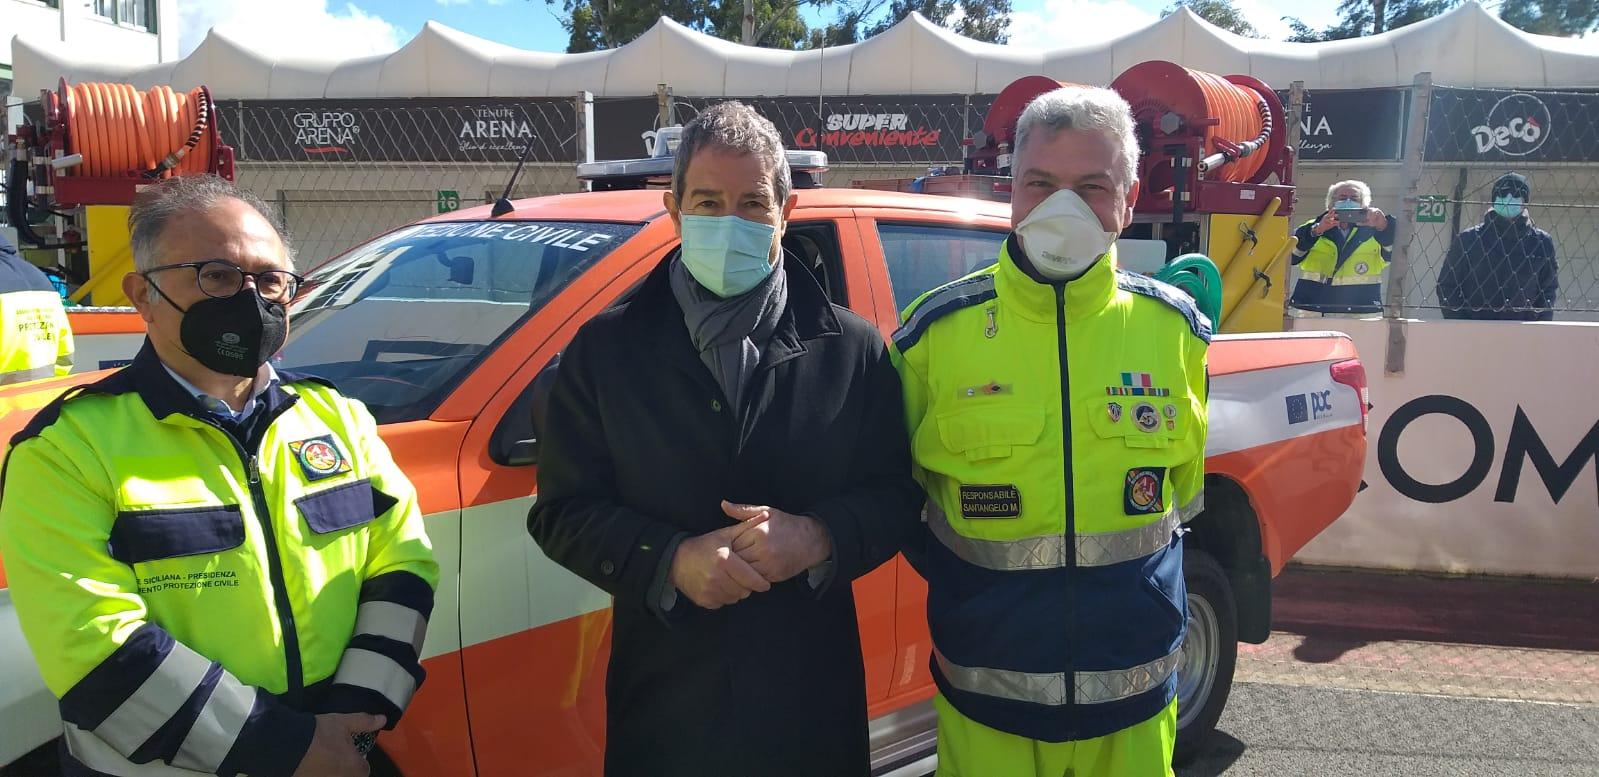 Volontariato, consegnati 100 fuoristrada a diverse associazioni siciliane: presente anche Nello Musumeci